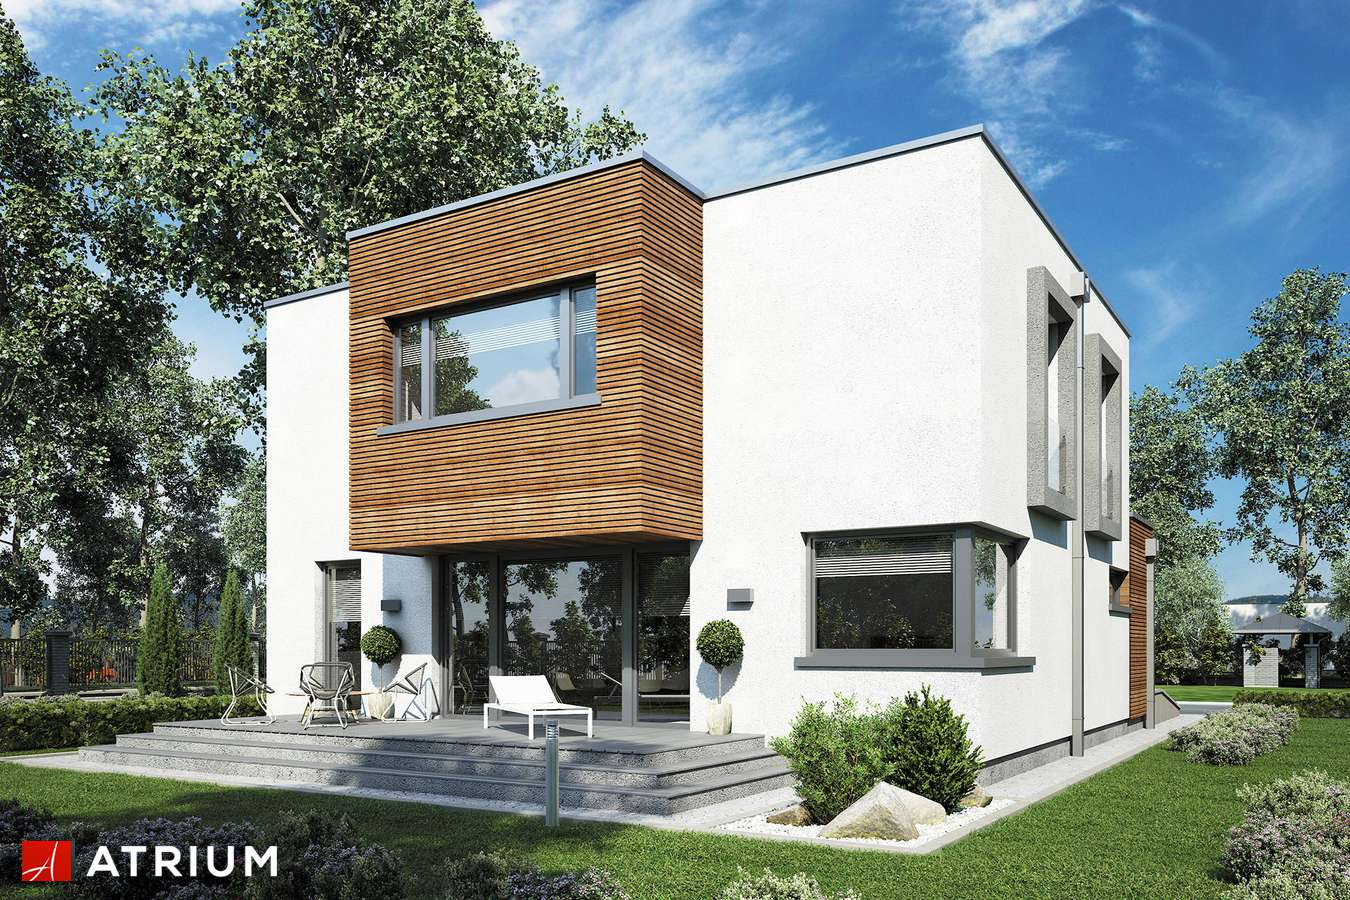 Projekty domów - Projekt domu piętrowego QUBUS III - wizualizacja 2 - wersja lustrzana